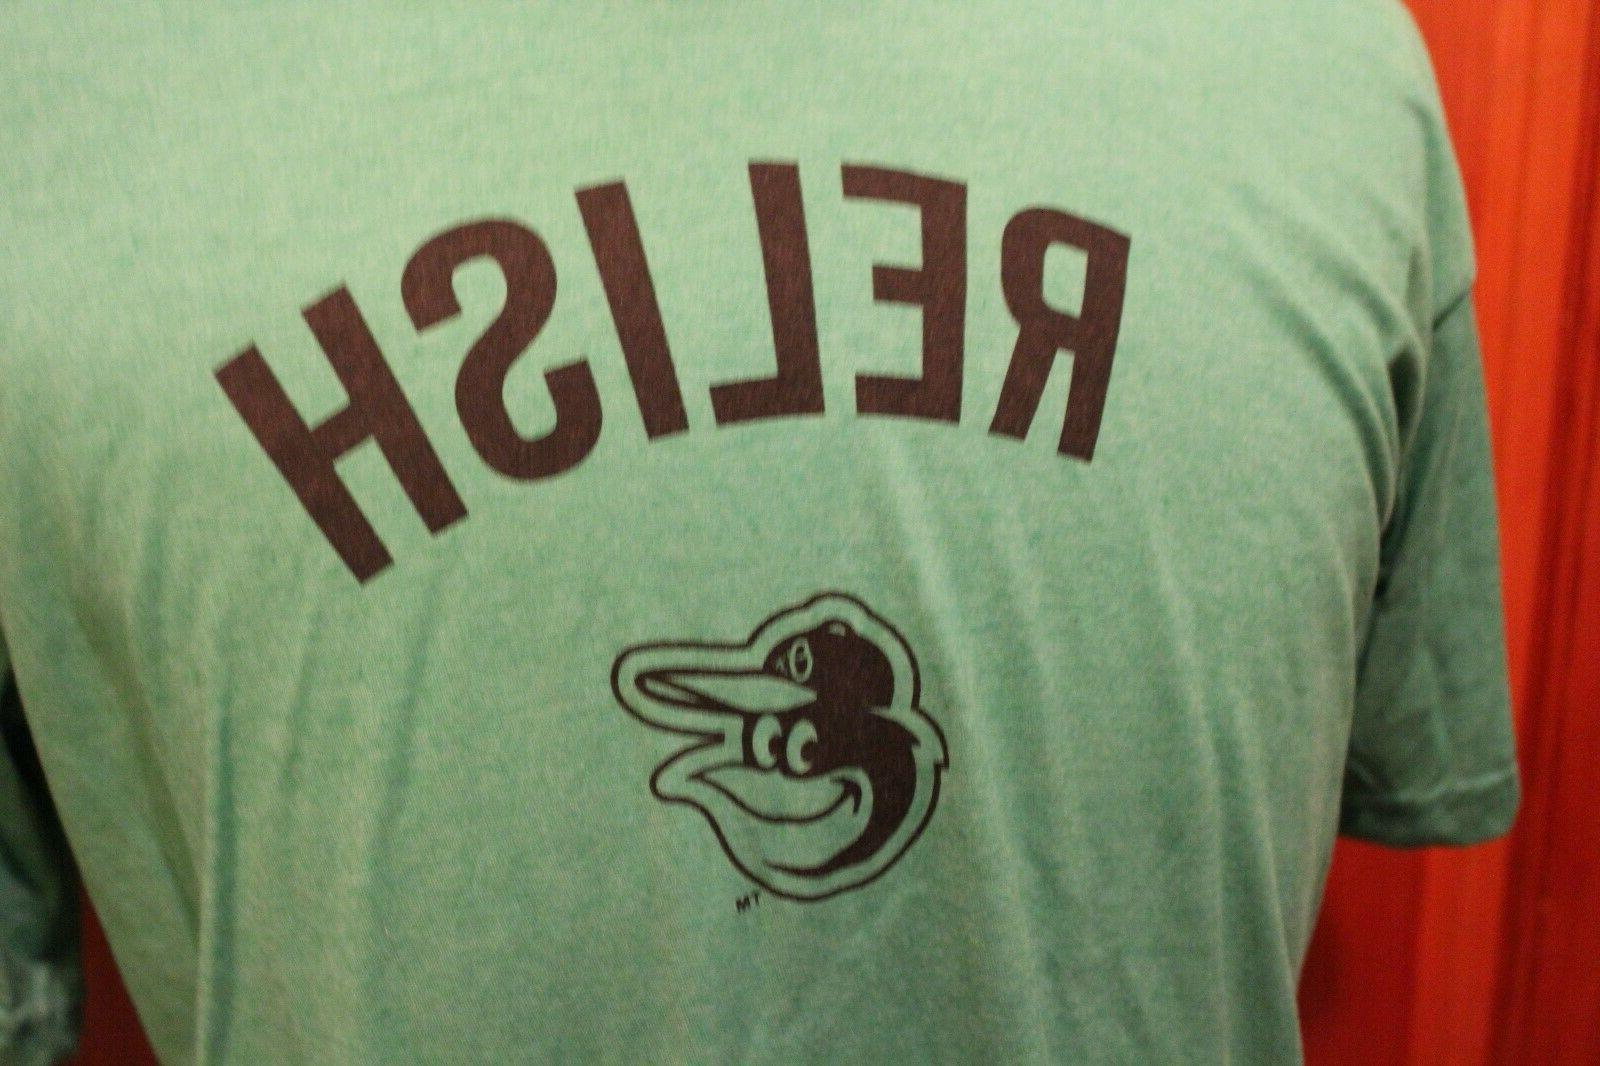 Baltimore Orioles Hotdog Racing Ketchup, Relish, Shirts -- M XL